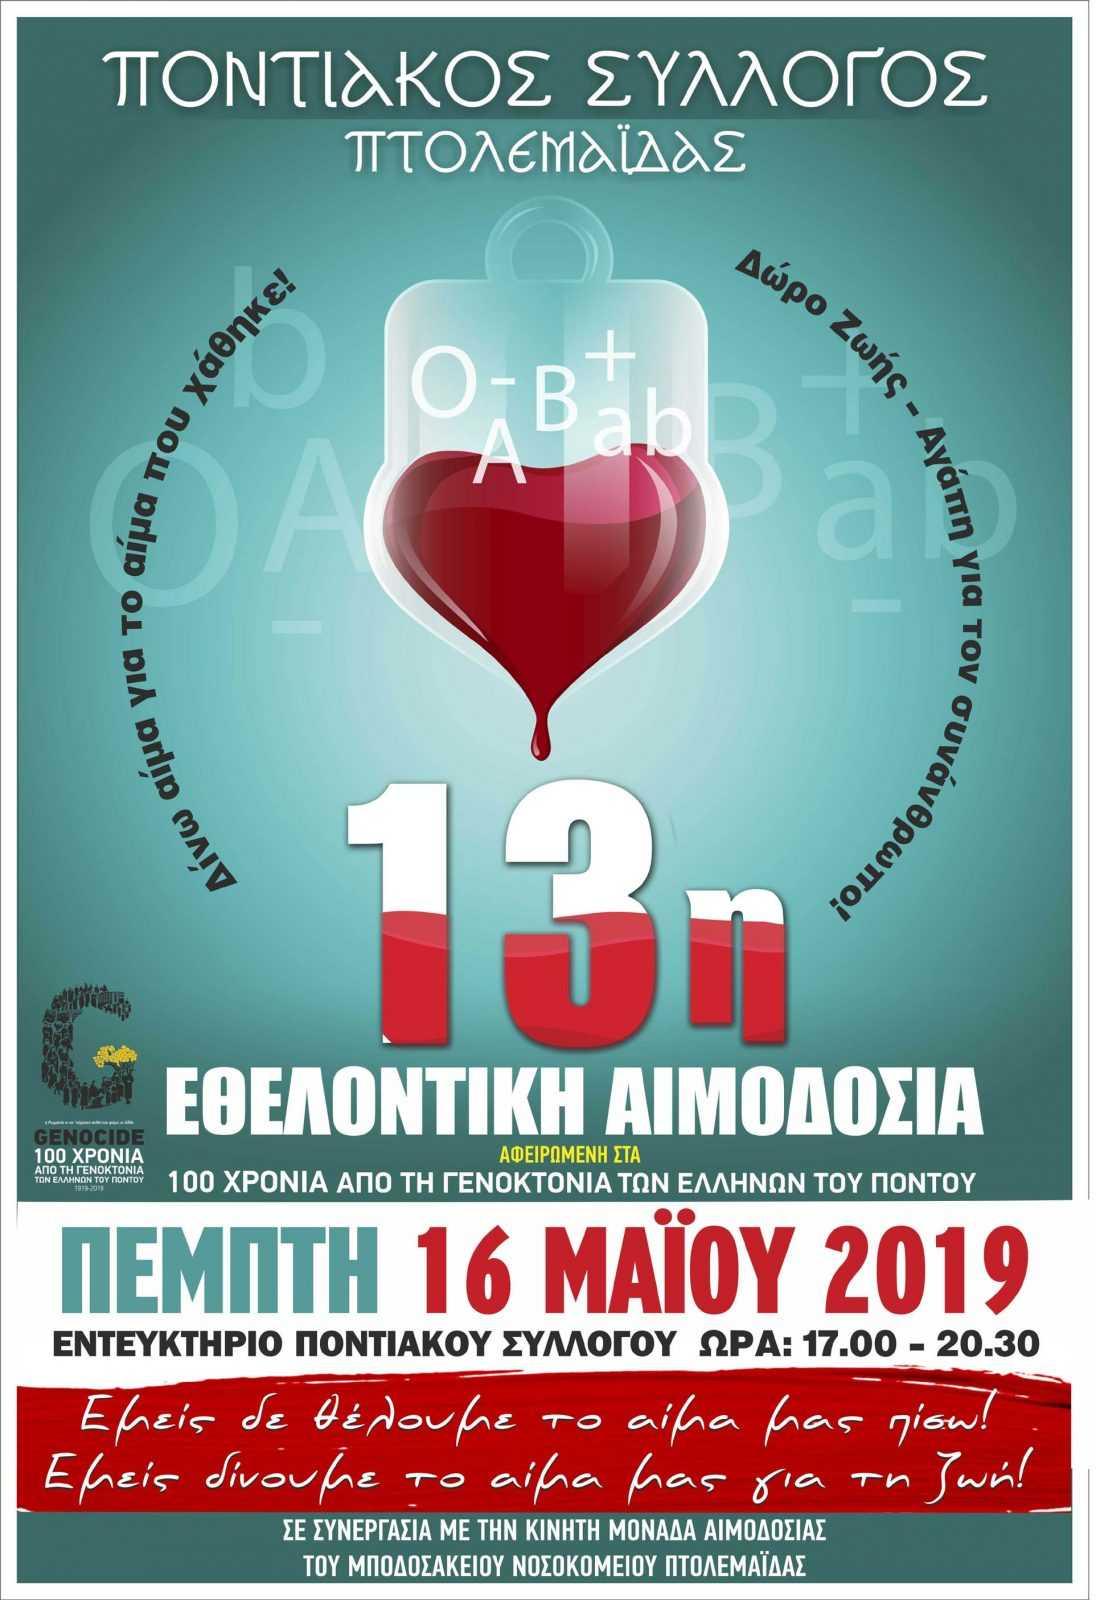 13η εθελοντική αιμοδοσία αφιερωμένη στα 100 χρόνια από το Γενοκτονία των Ελλήνων του Πόντου 16/5 από τον Ποντιακό Σύλλογο Πτολεμαϊδας